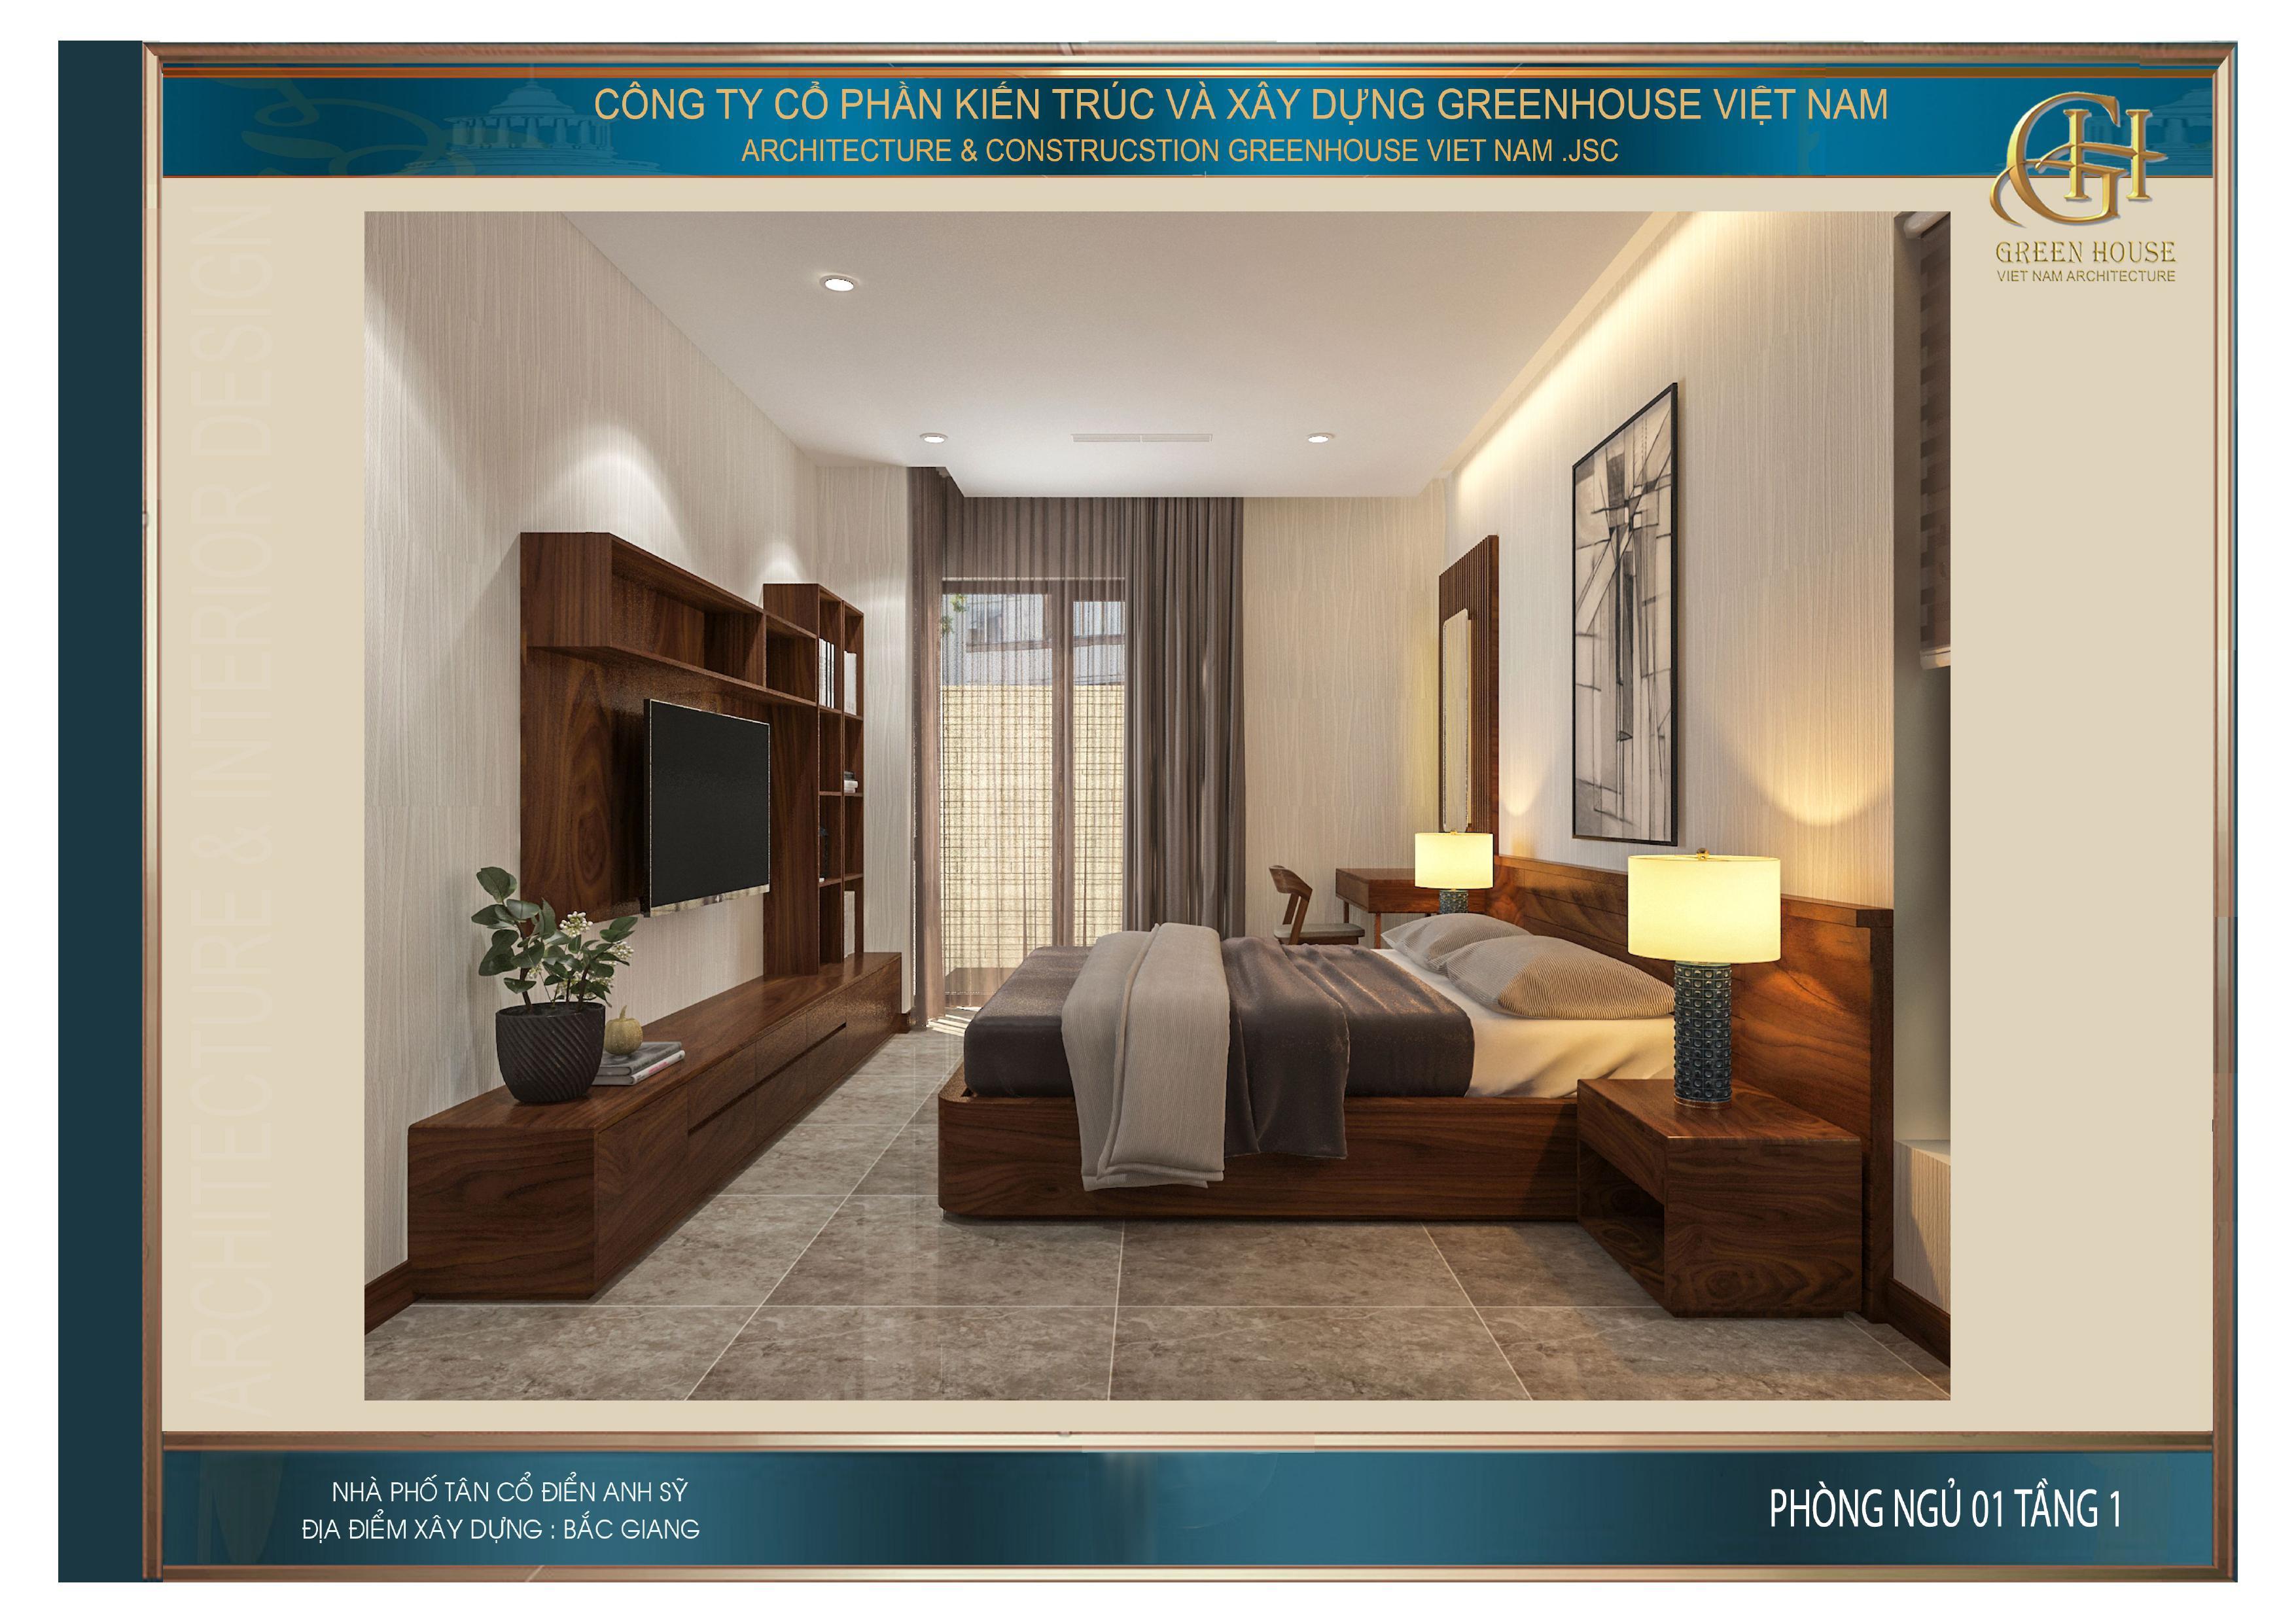 Không gian phòng ngủ dành cho khách tại tầng 1 của nhà phố tân cổ điển